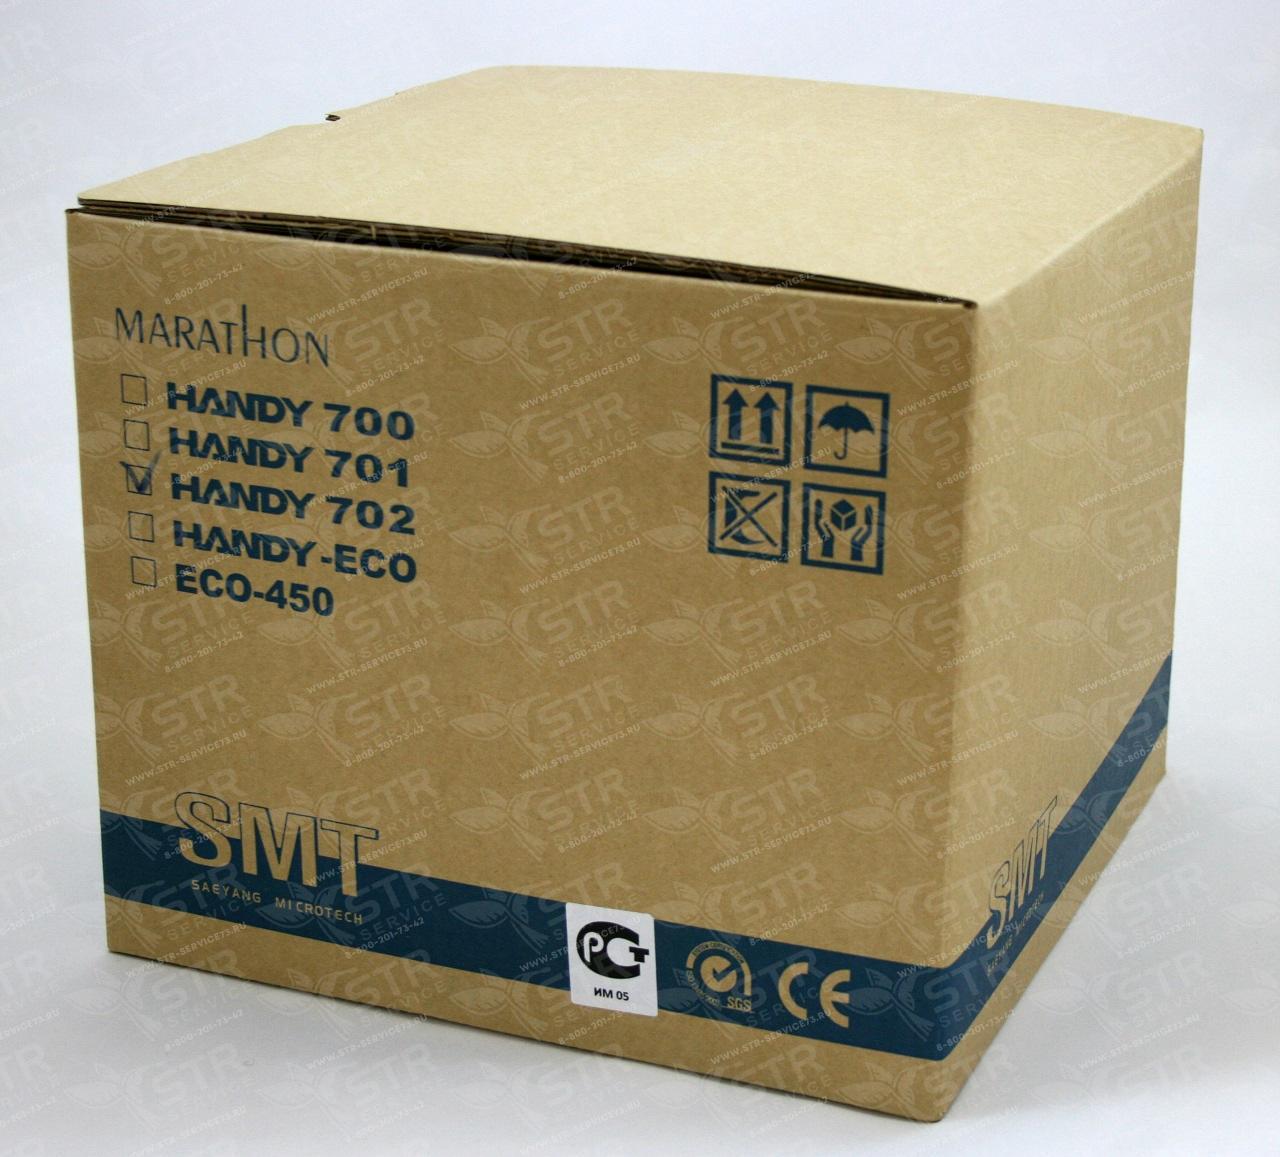 Аппарат Marathon Handy 702 Lite / SH400, с педалью FS60N